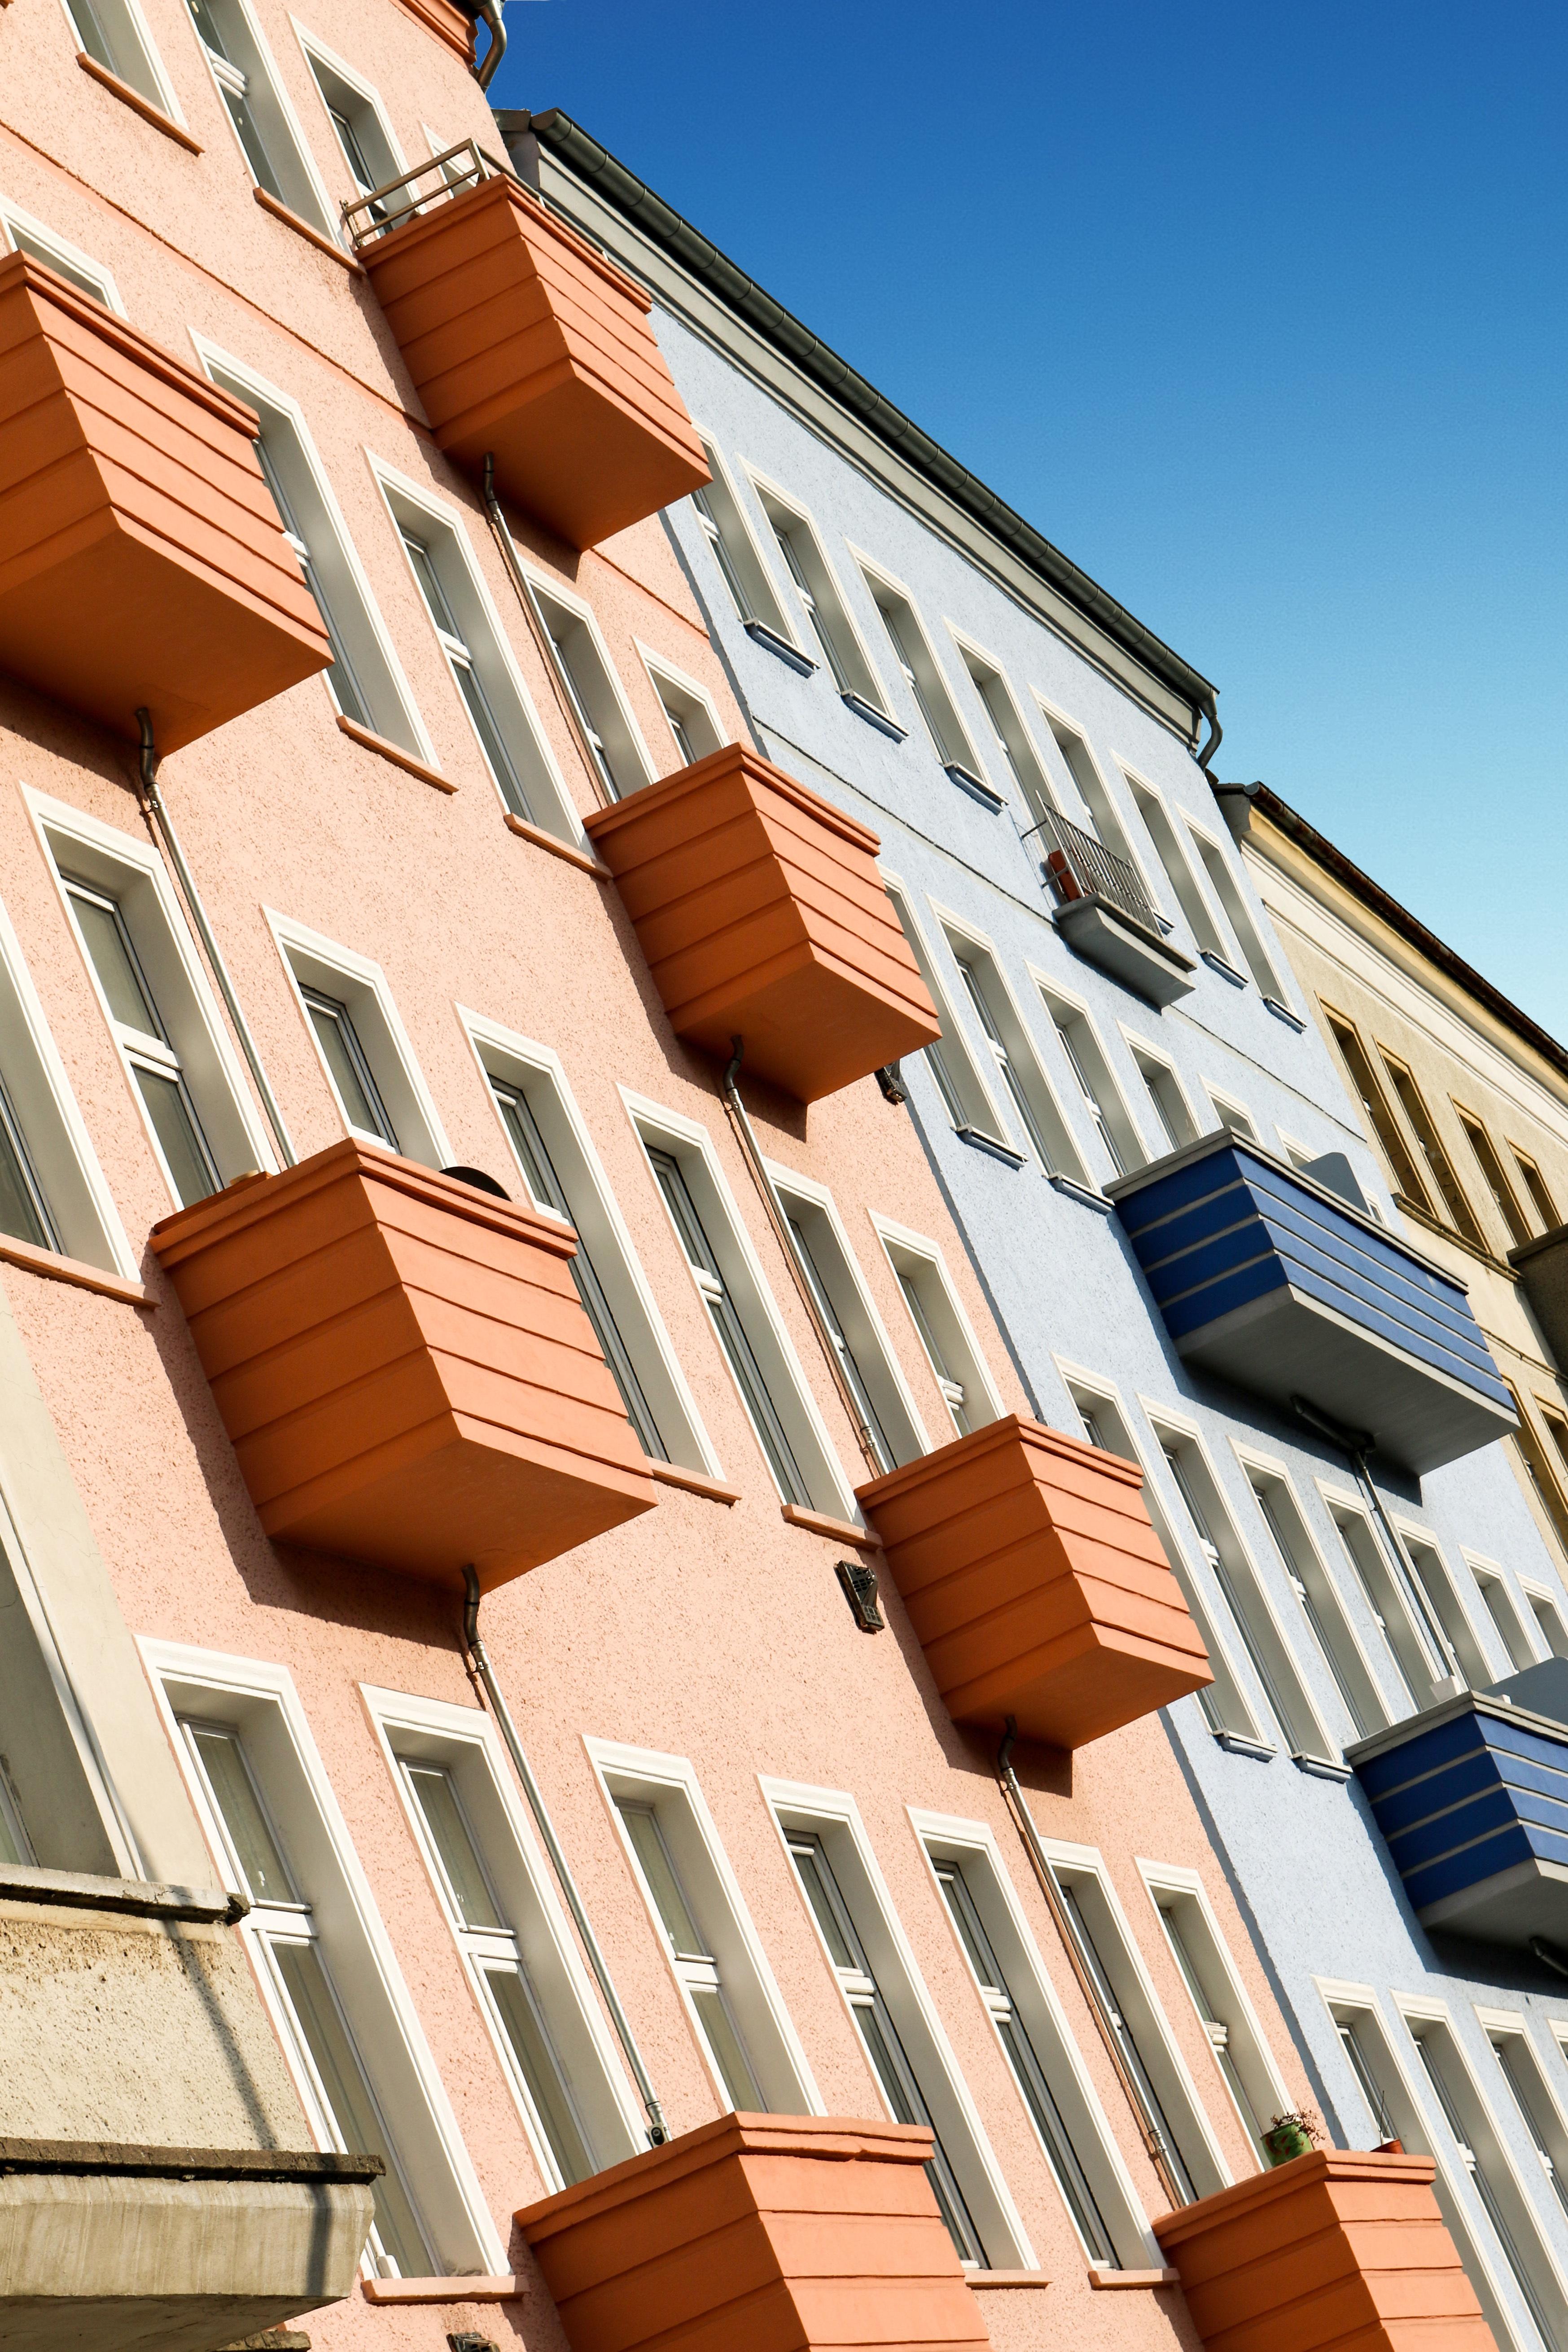 Балконы архитектура зданий.